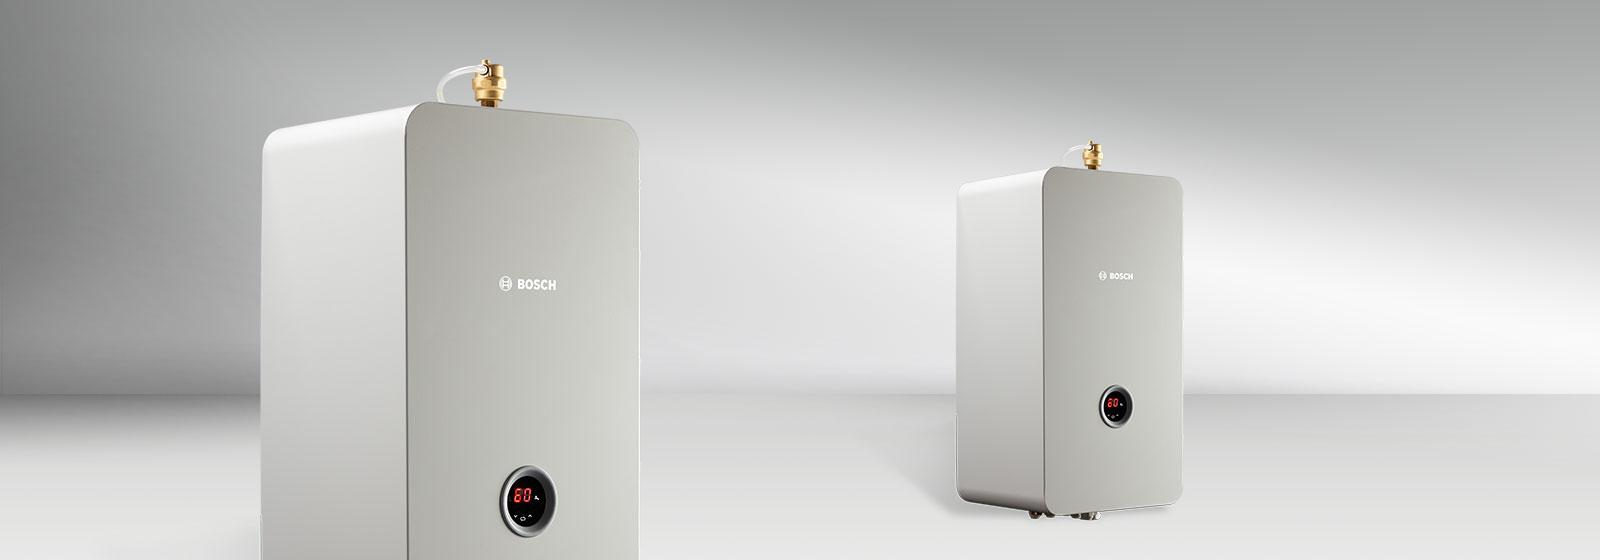 Bosch Tronic Heat 3500: Nowe elektryczne kotły  grzewcze marki Bosch